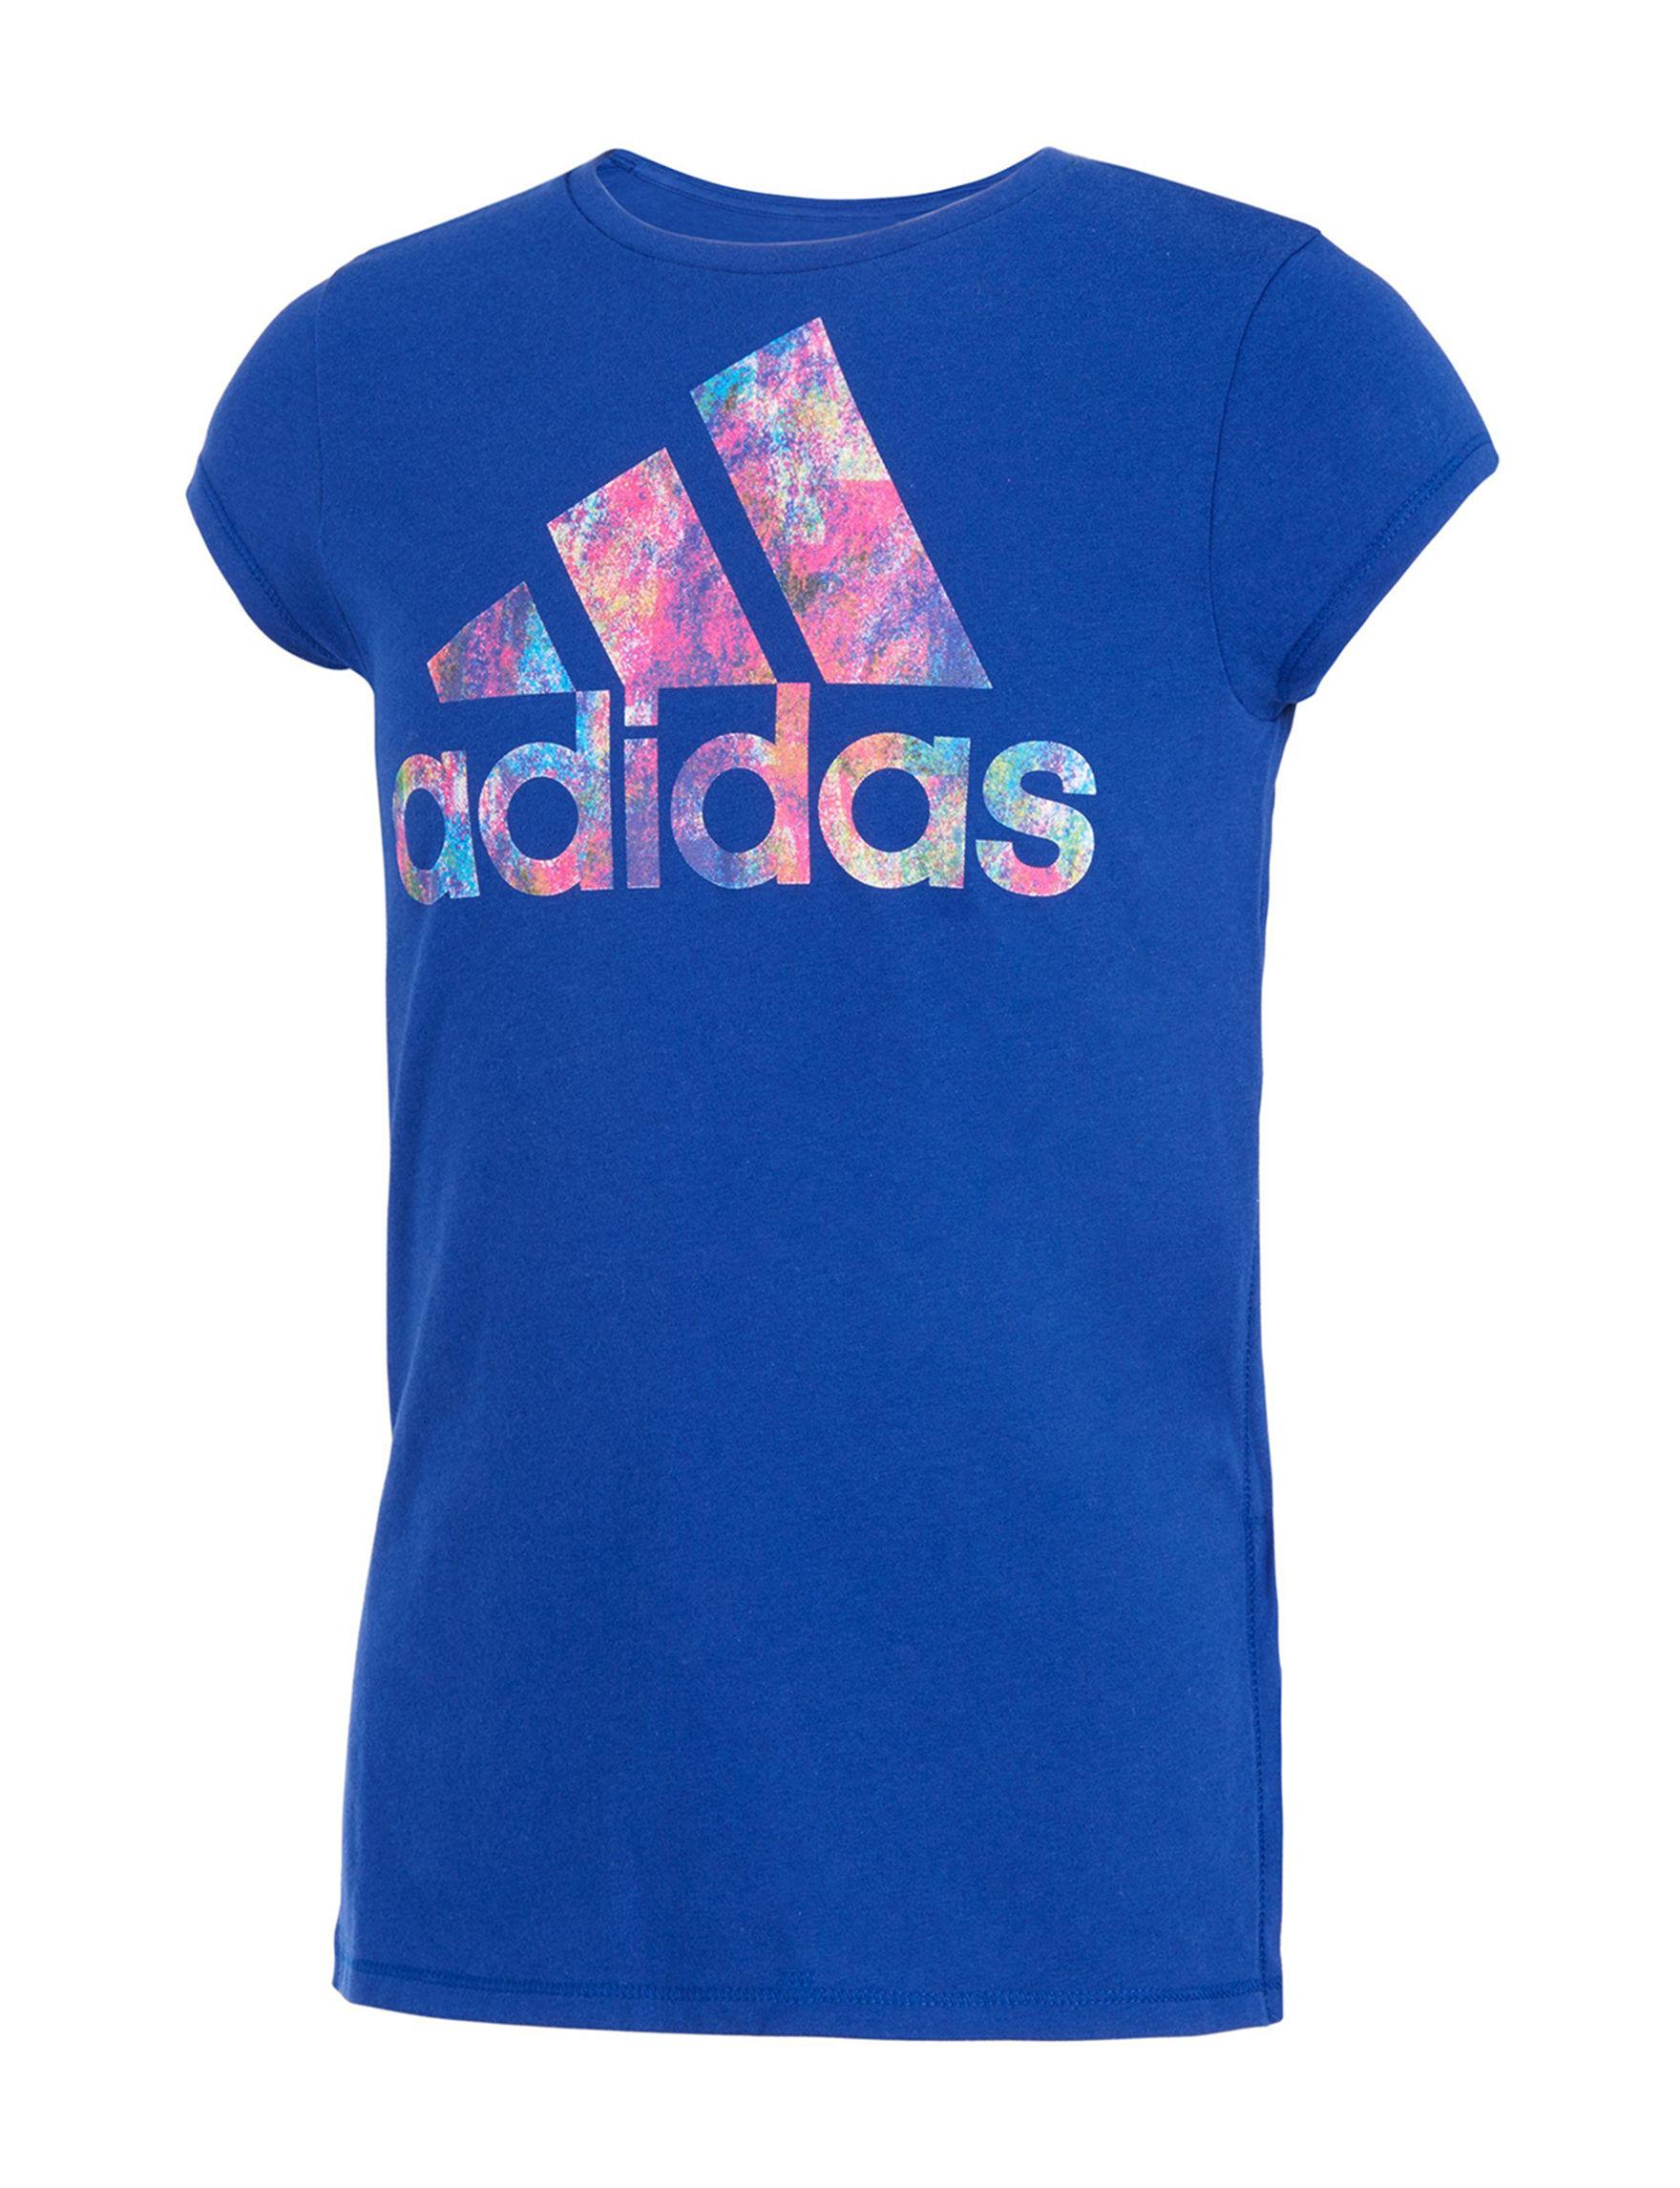 Adidas Ink Blue Tees & Tanks